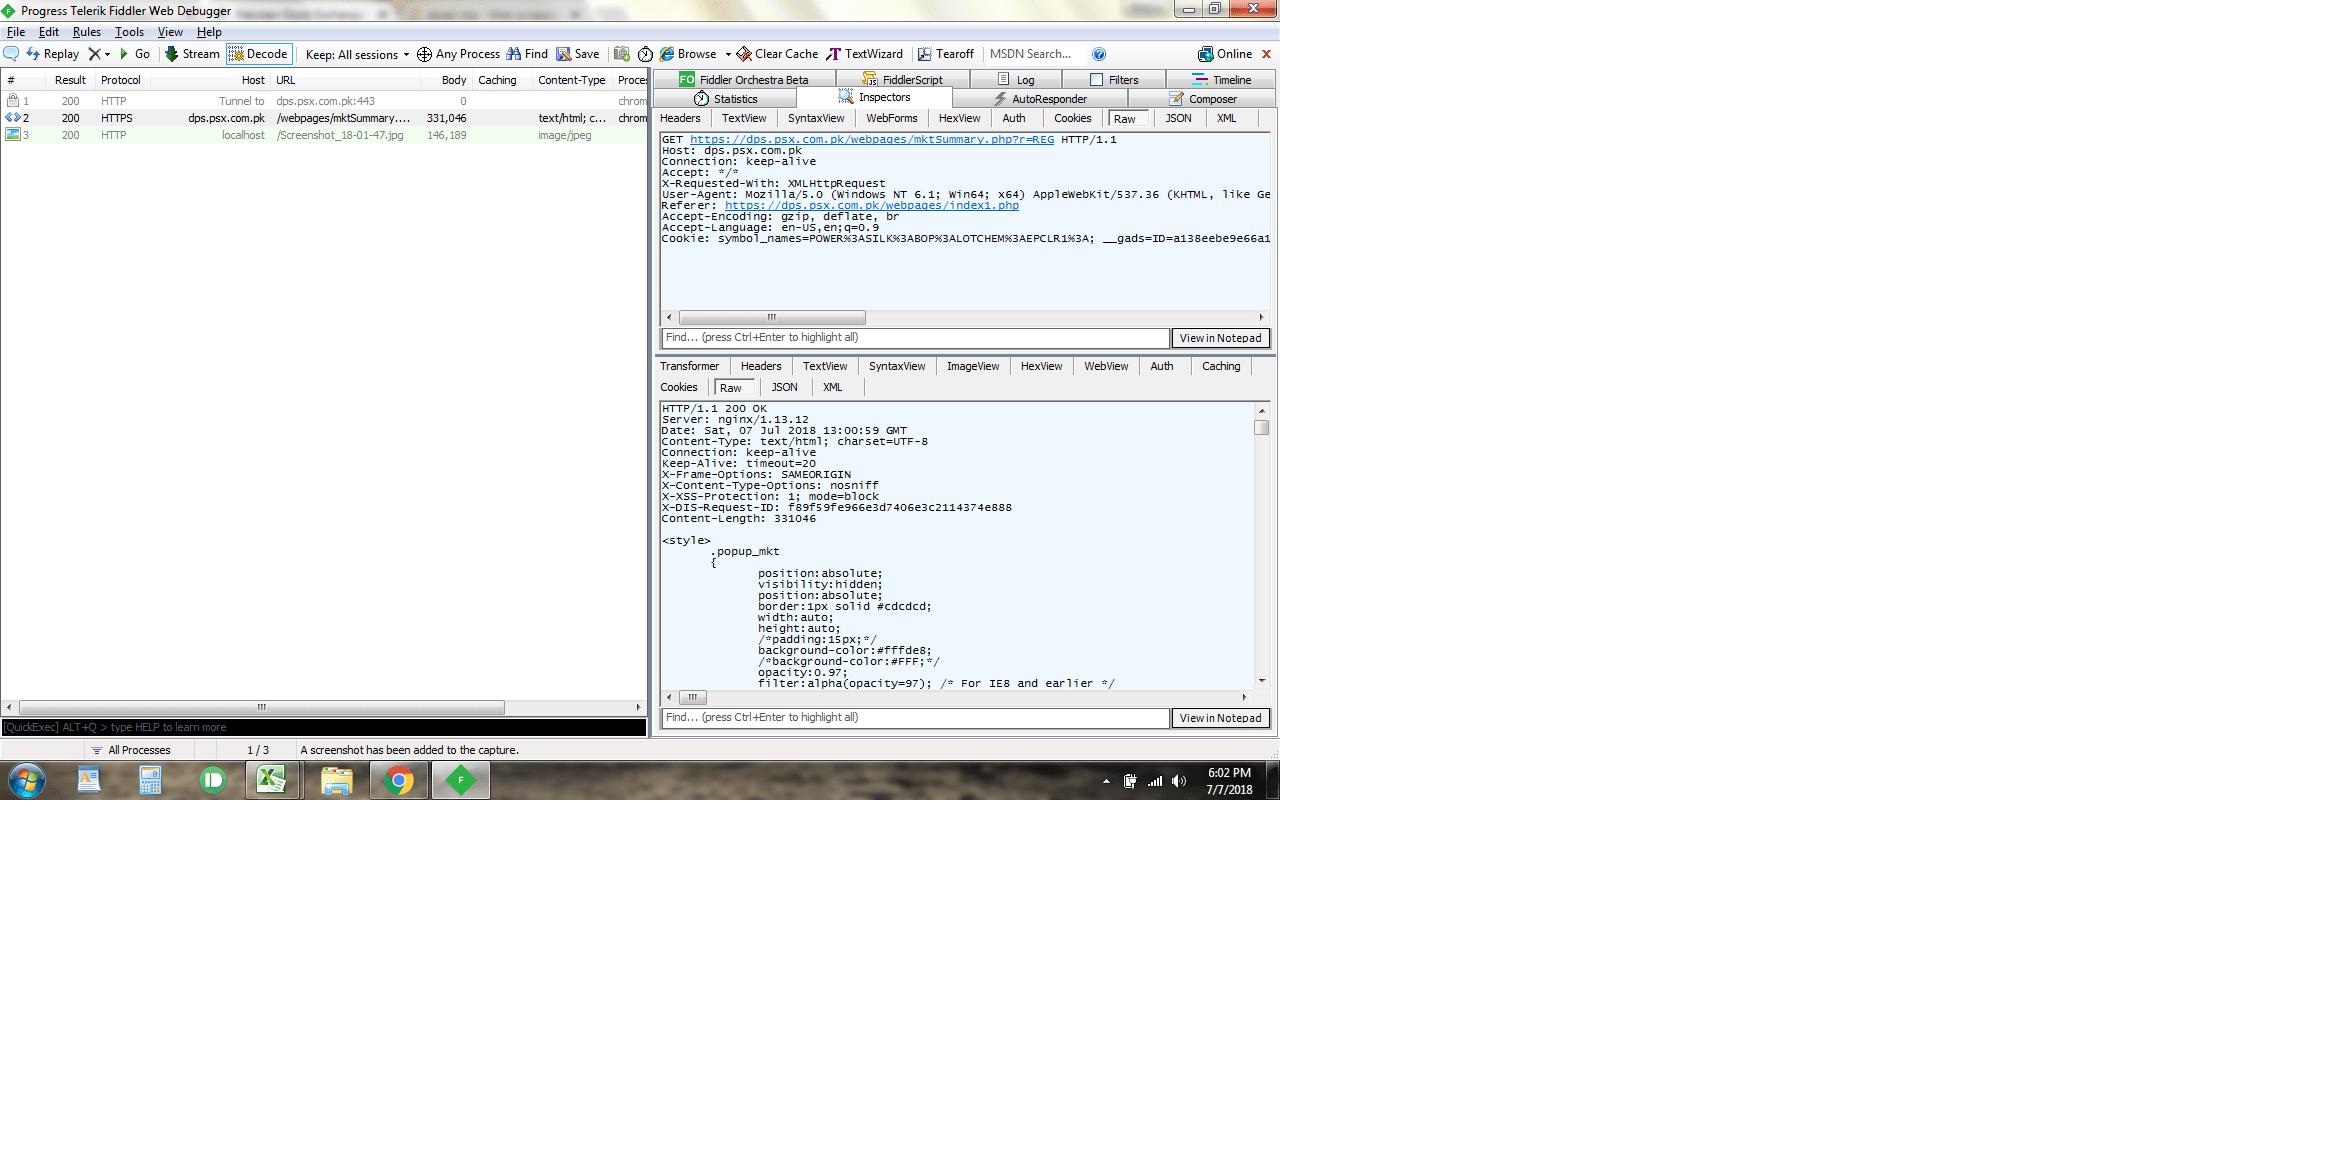 Excel Vba Worksheet Change